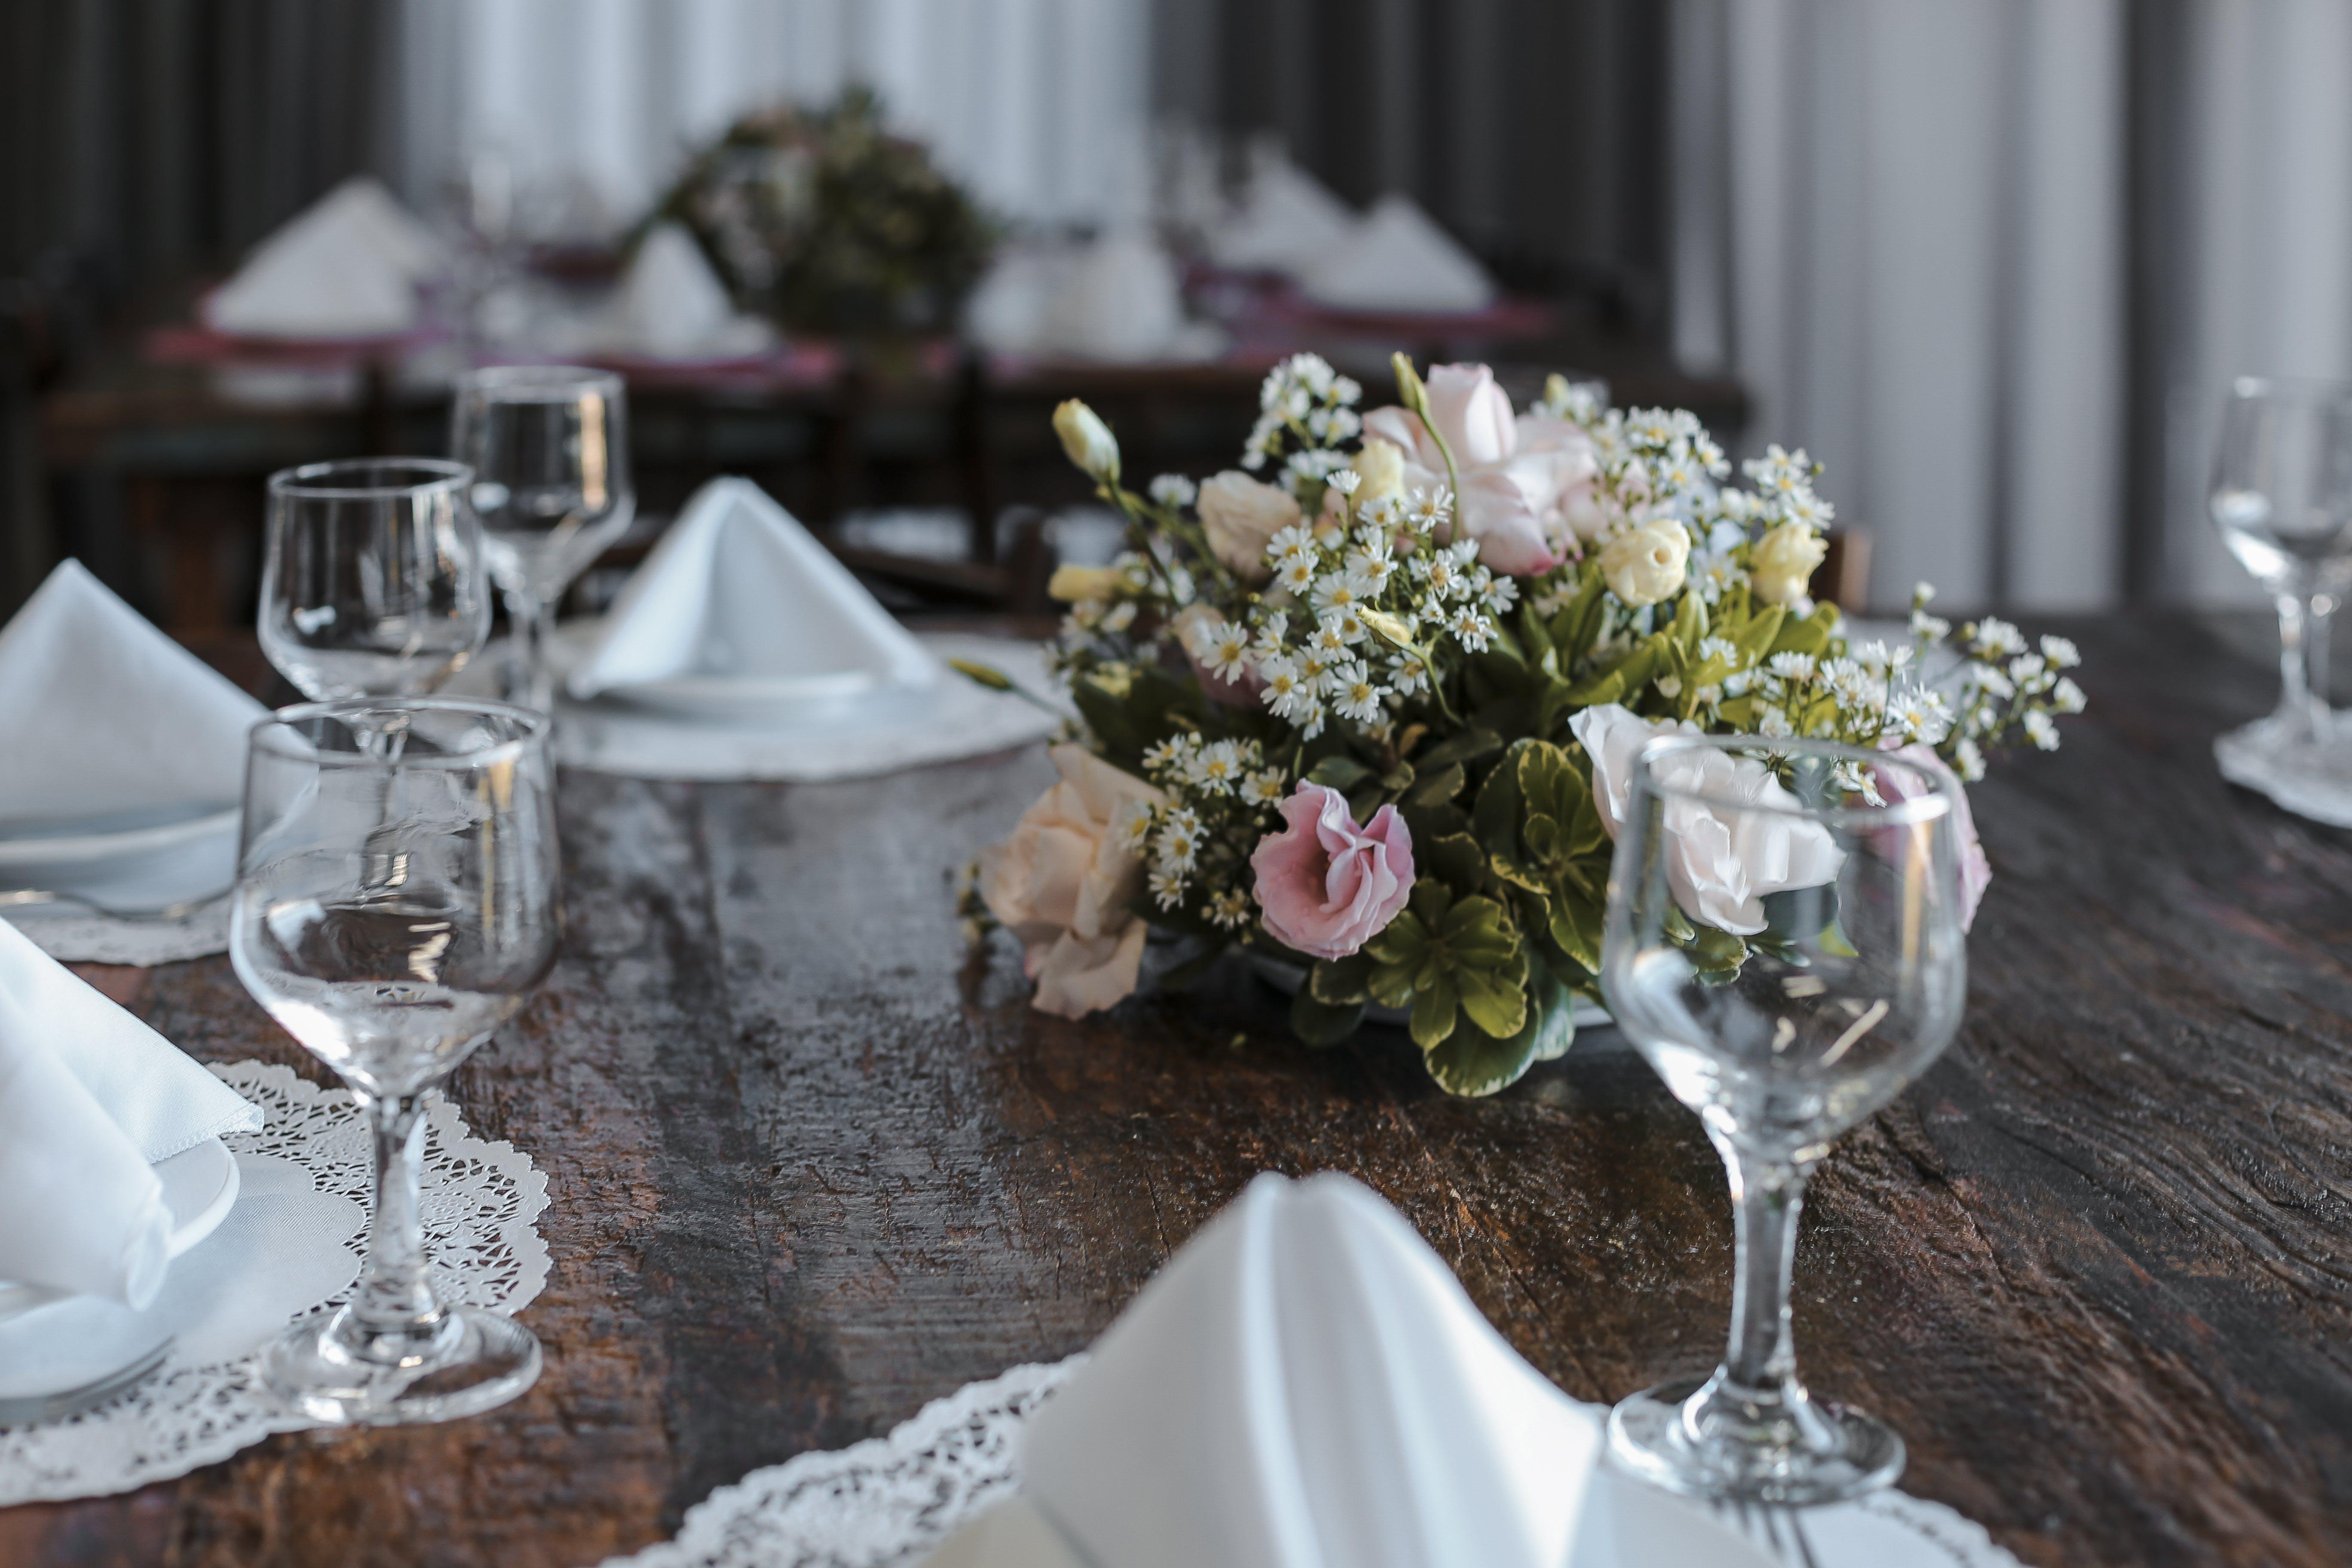 Gratis lagerfoto af blomster, borddækning, Bordservice, elegant